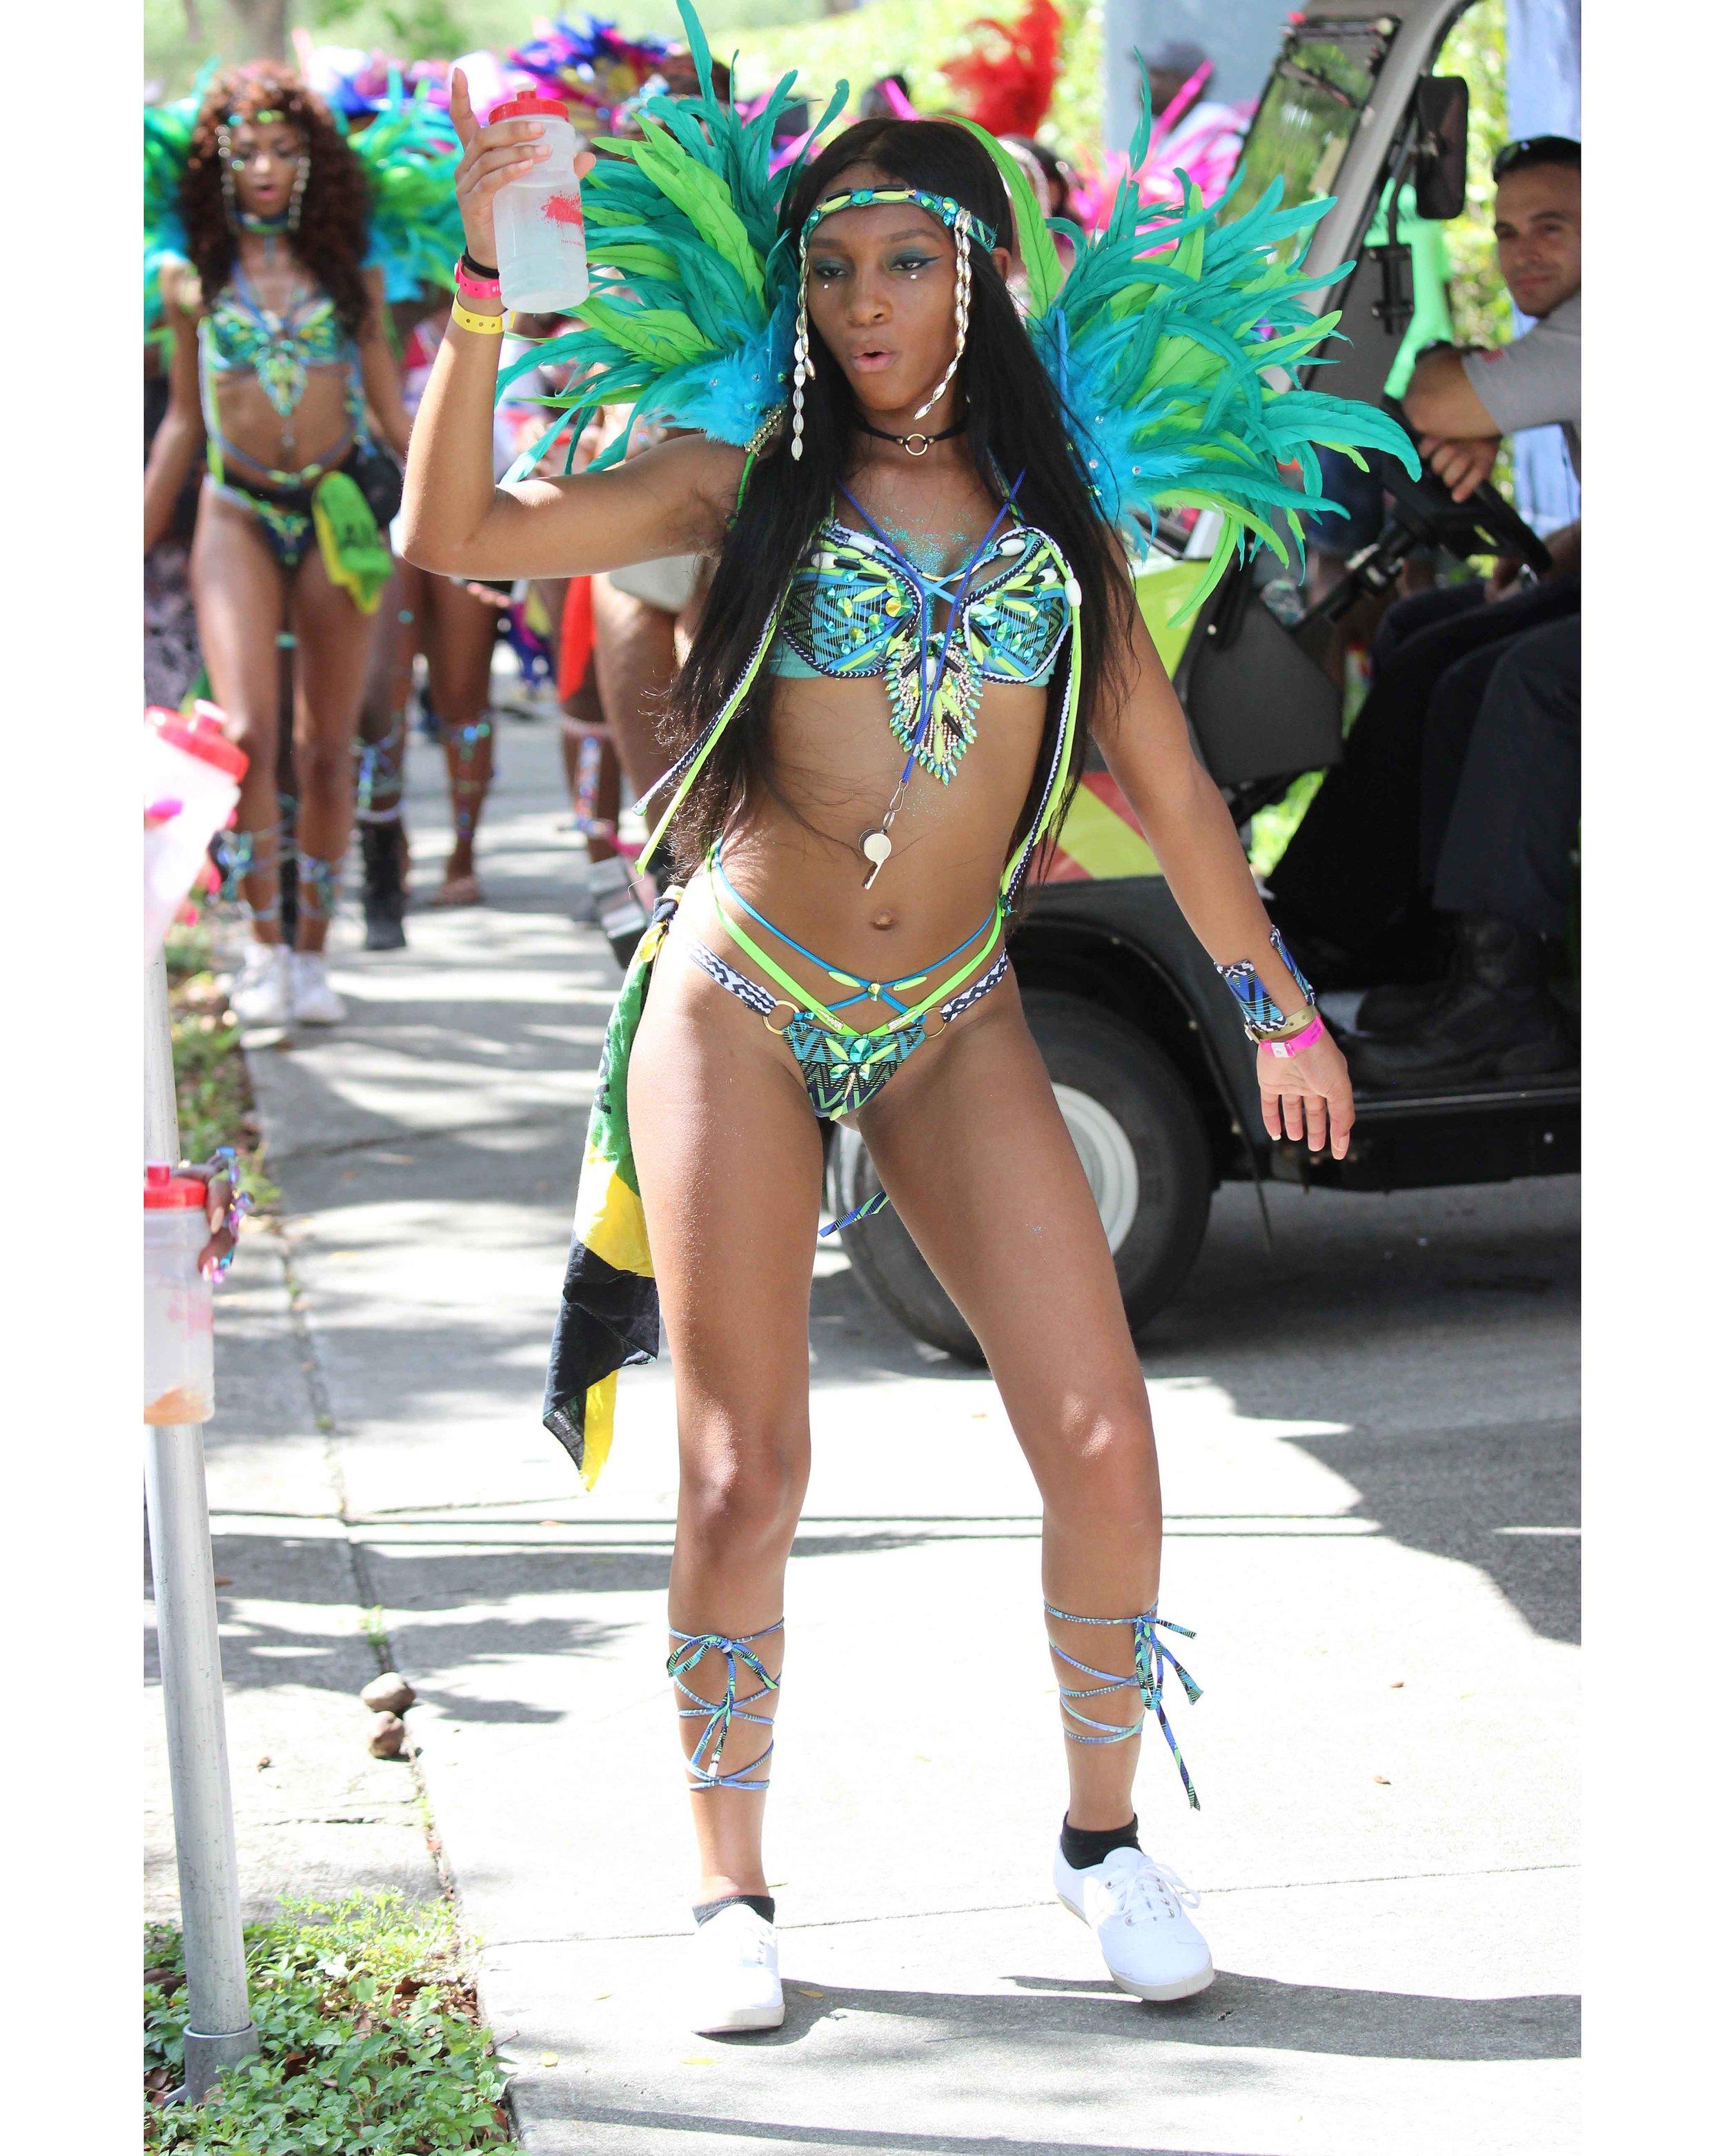 MiamiBro Carn17_1849_08-10-17-15-17-35enh.jpg